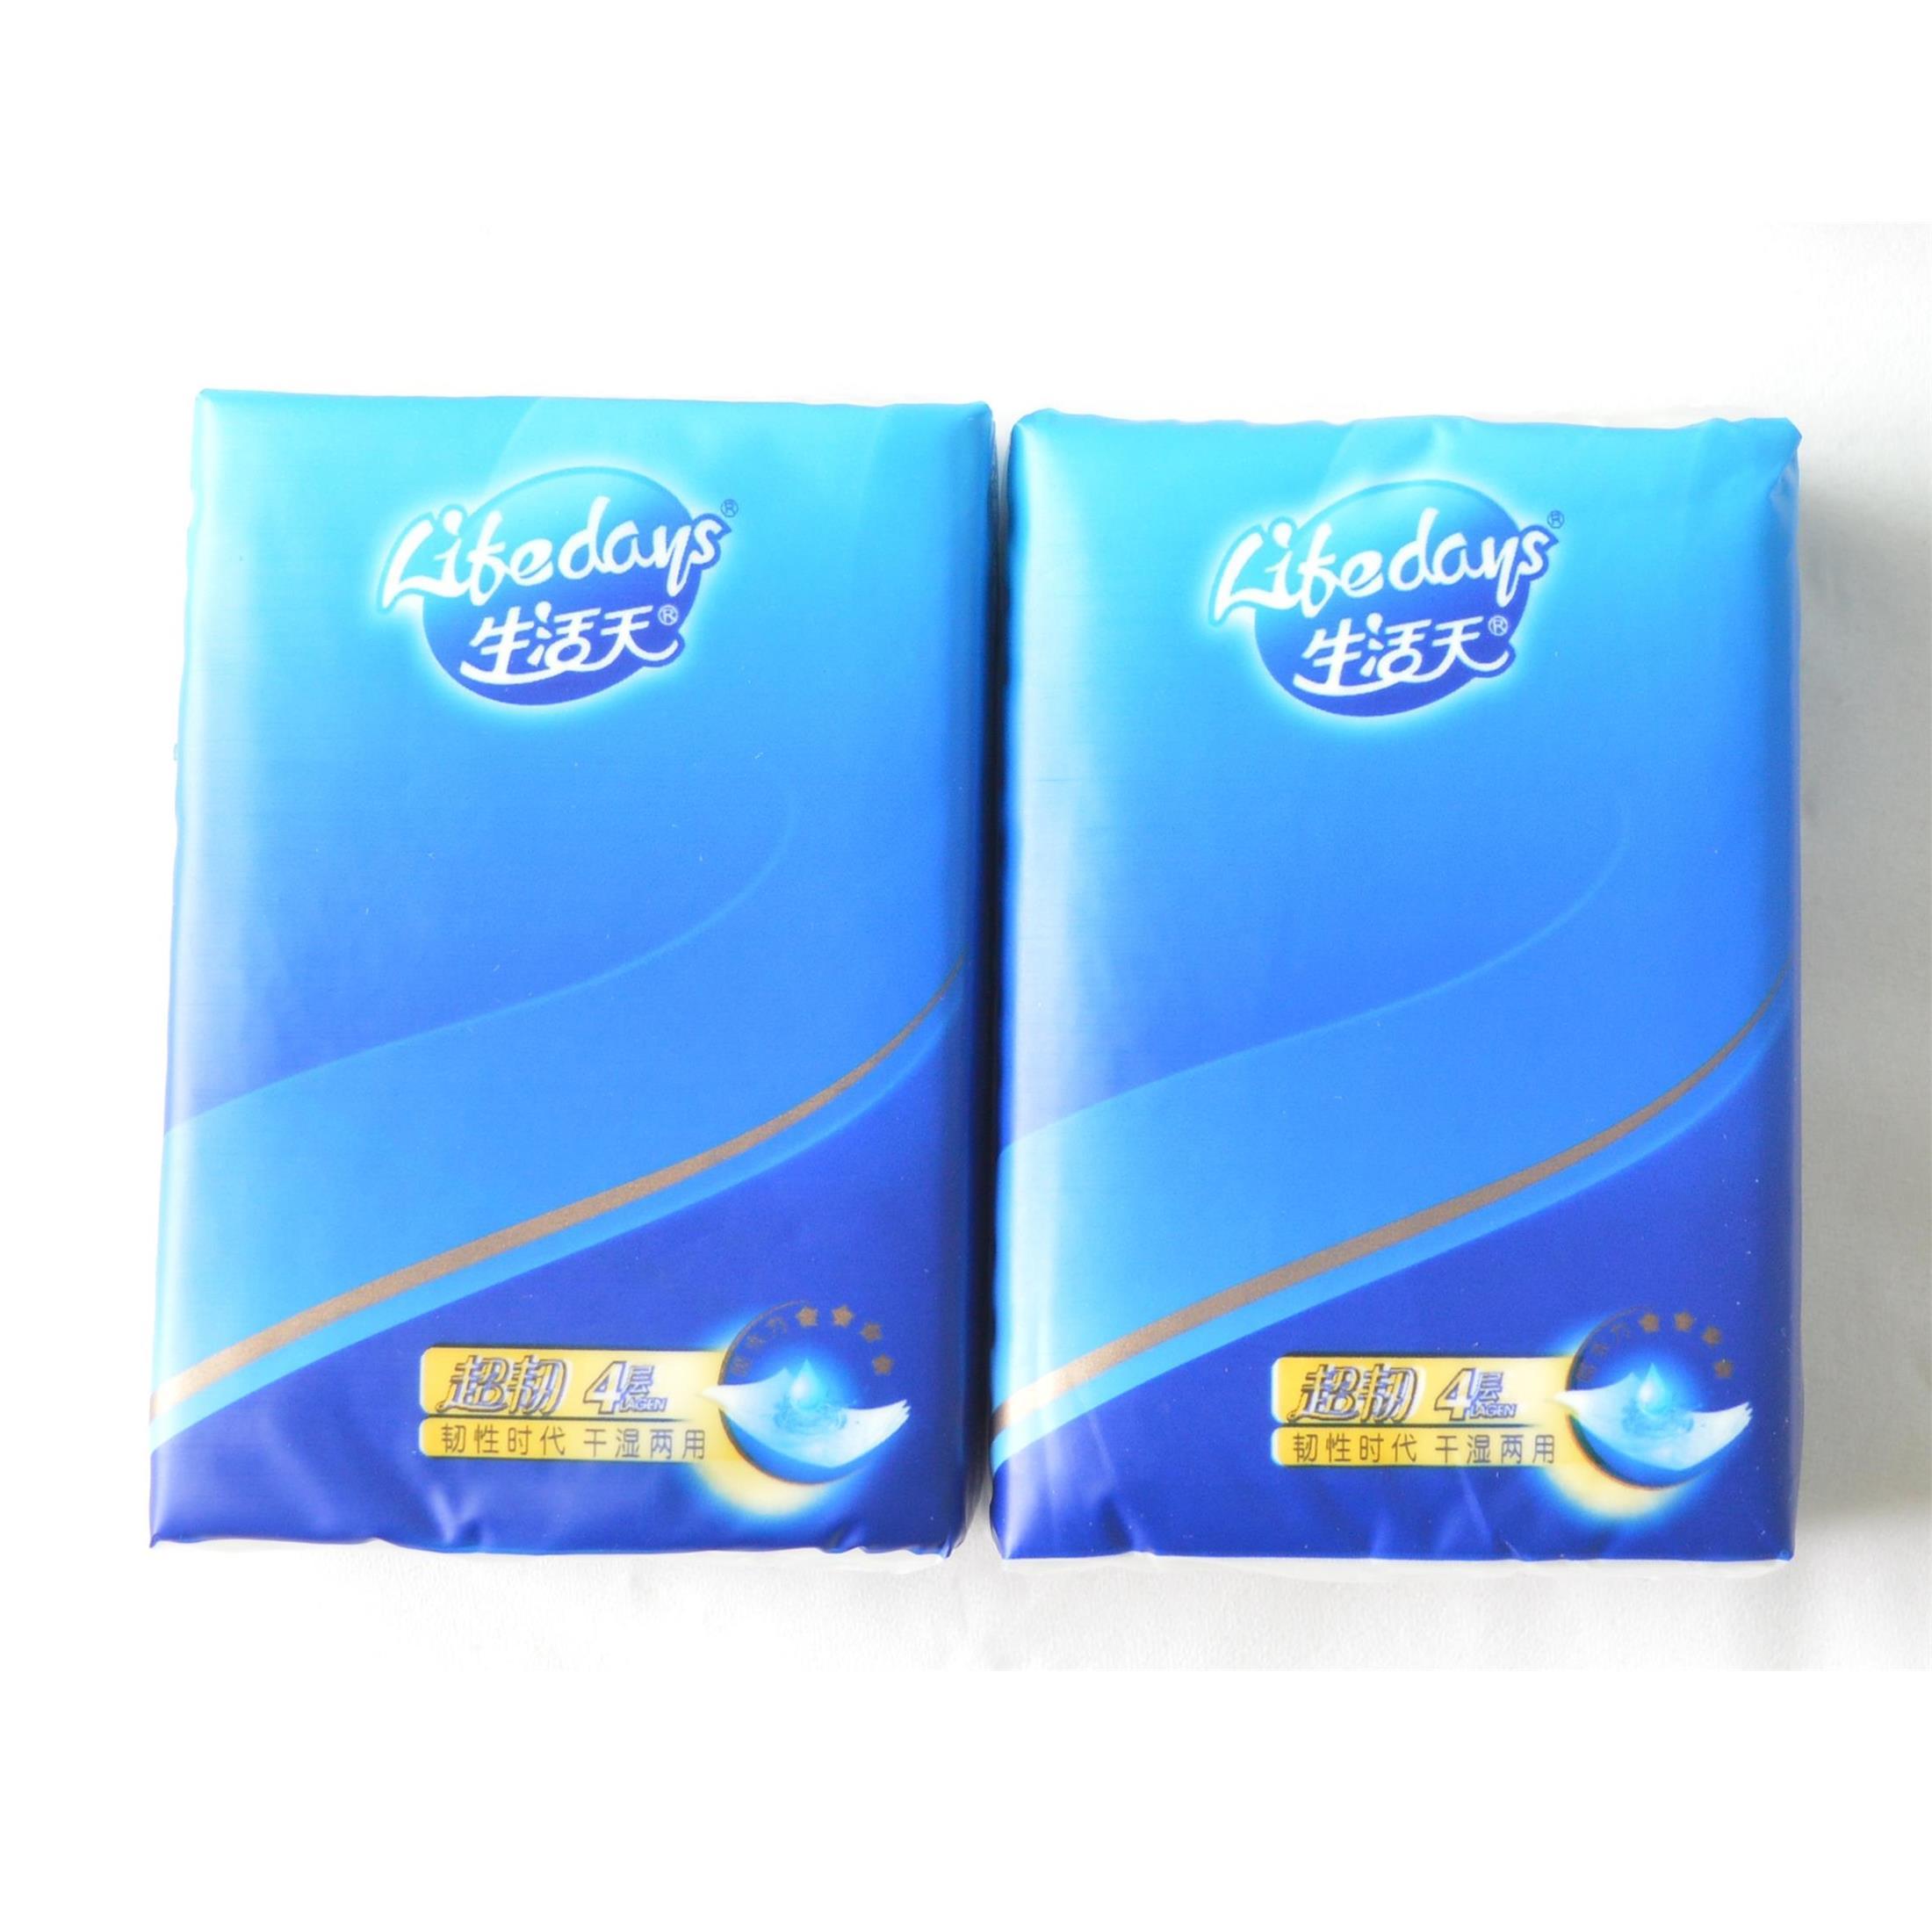 生活天BT305四层8张迷你干湿两用纸手帕(10包)